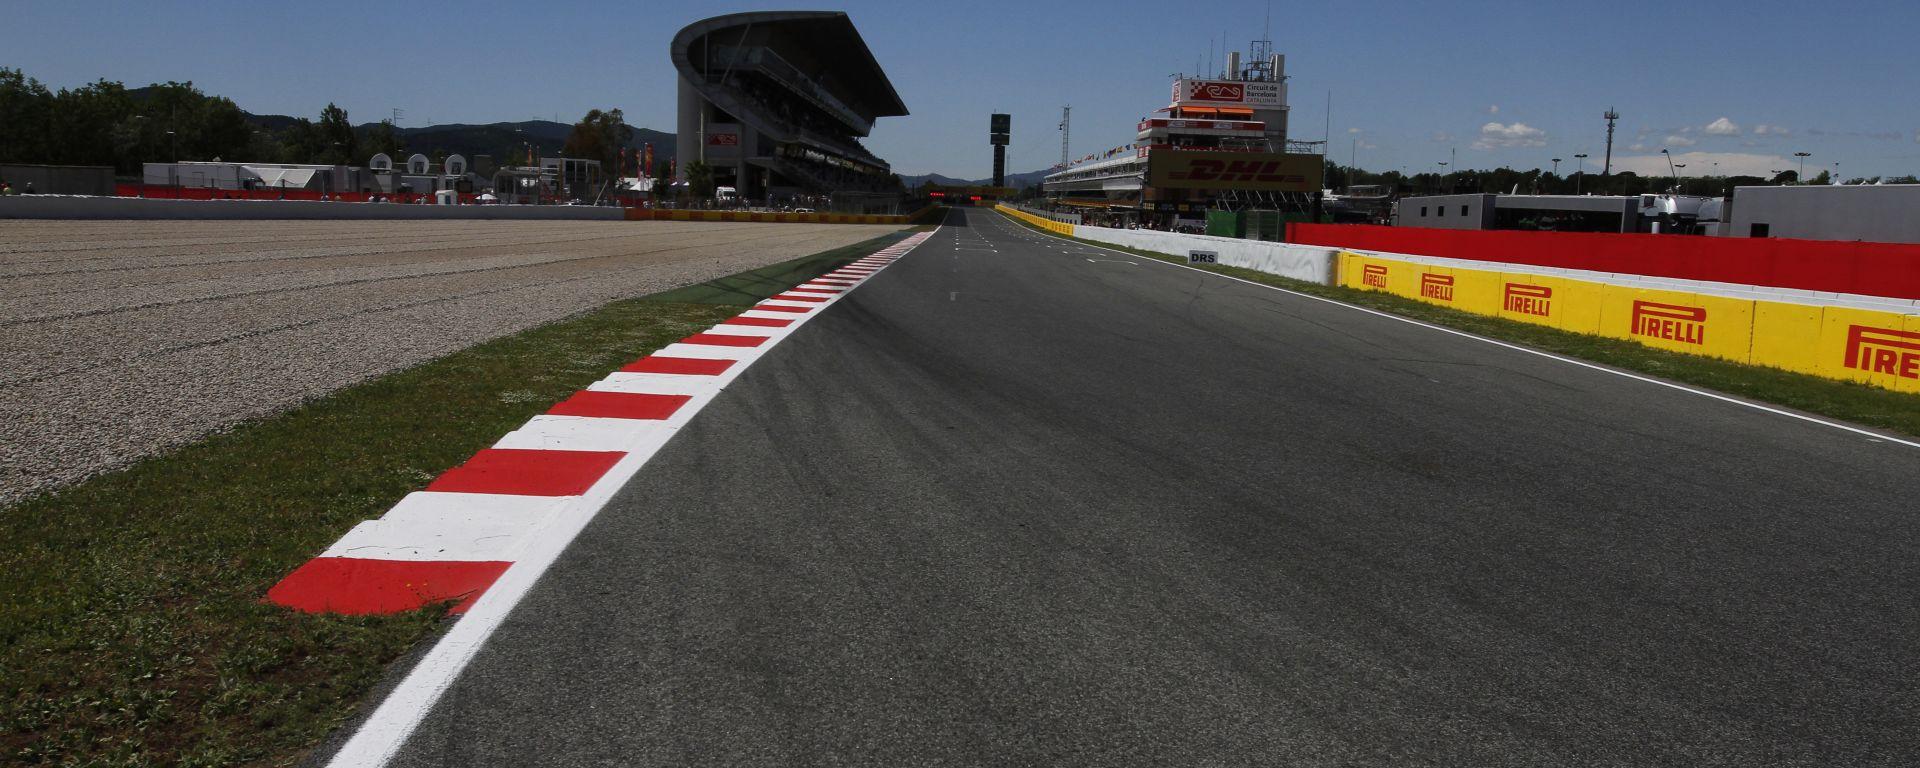 F1 GP Spagna 2019, Barcellona: il rettilineo dei box del Circuit de Catalunya